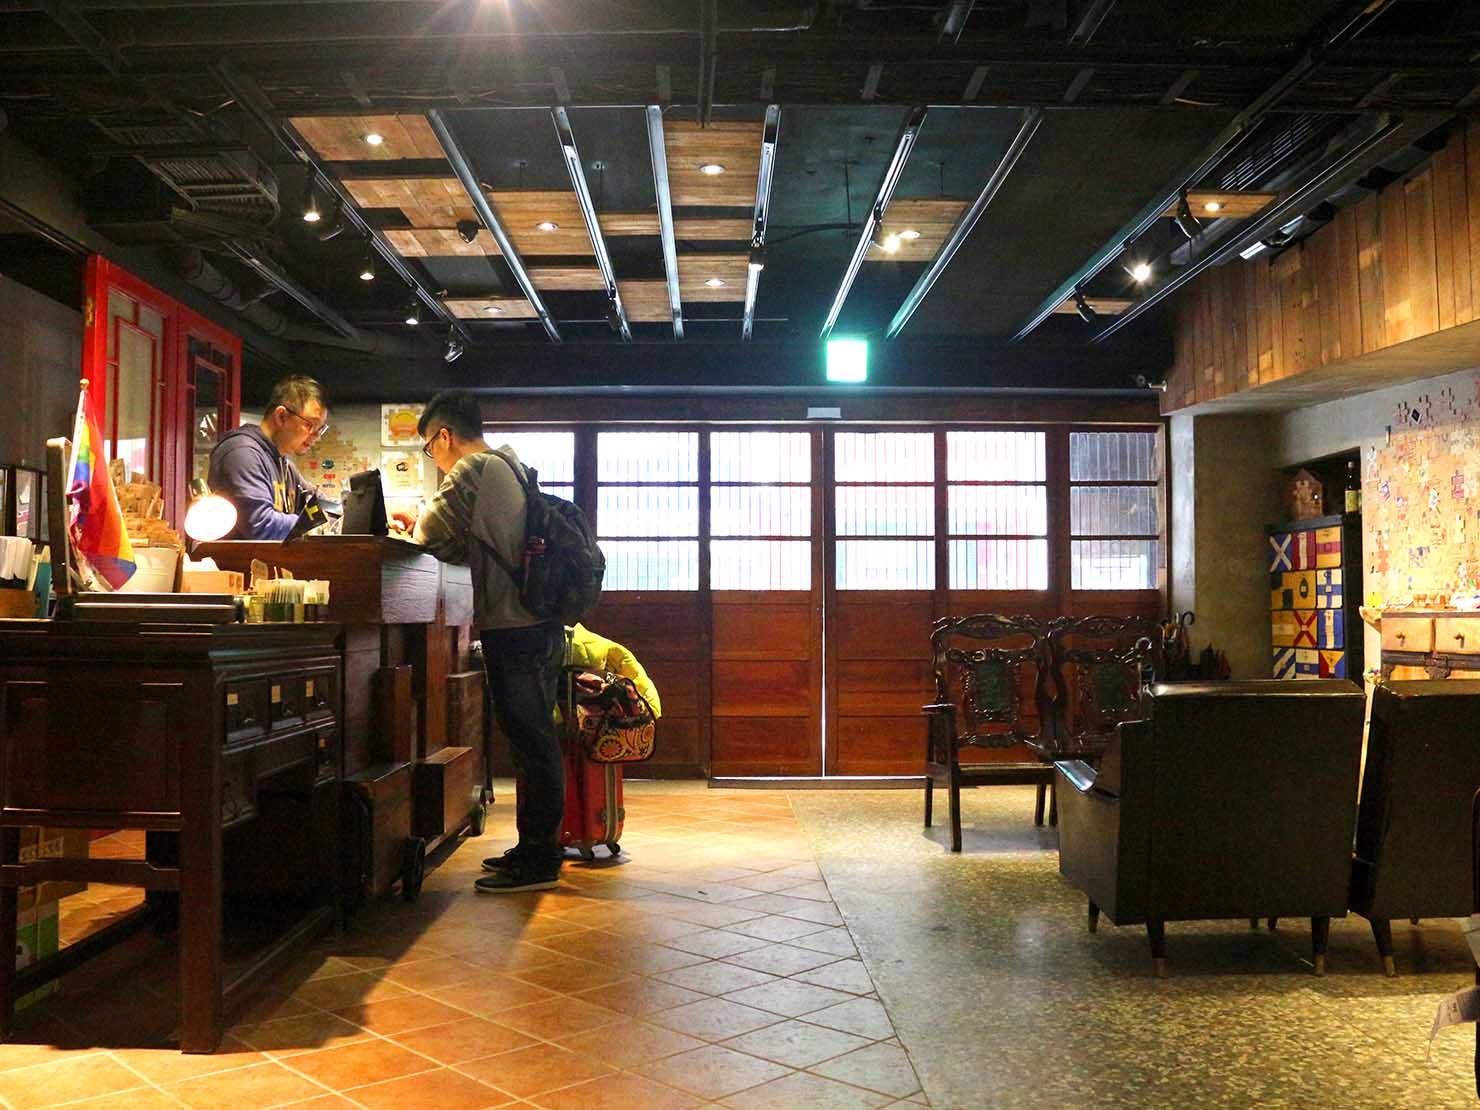 台北・西門町のLGBTフレンドリーホテル「町・記憶旅店 Cho Hotel」のロビー